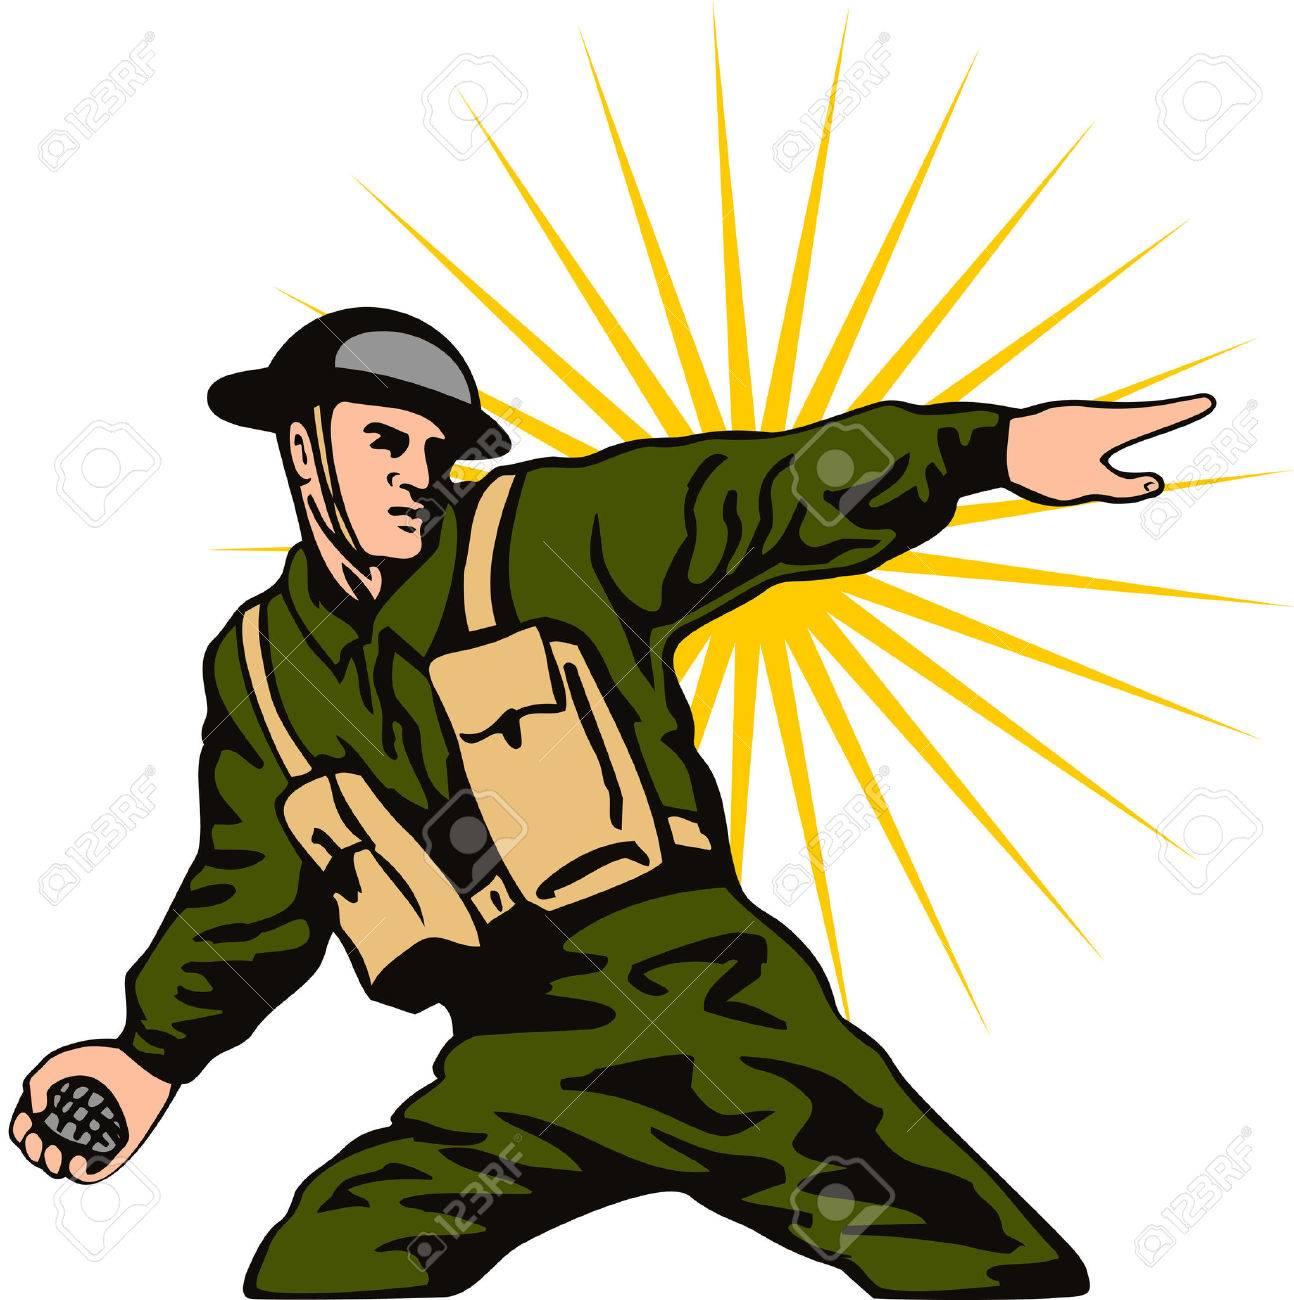 World war 2 soldier throwing a grenade.